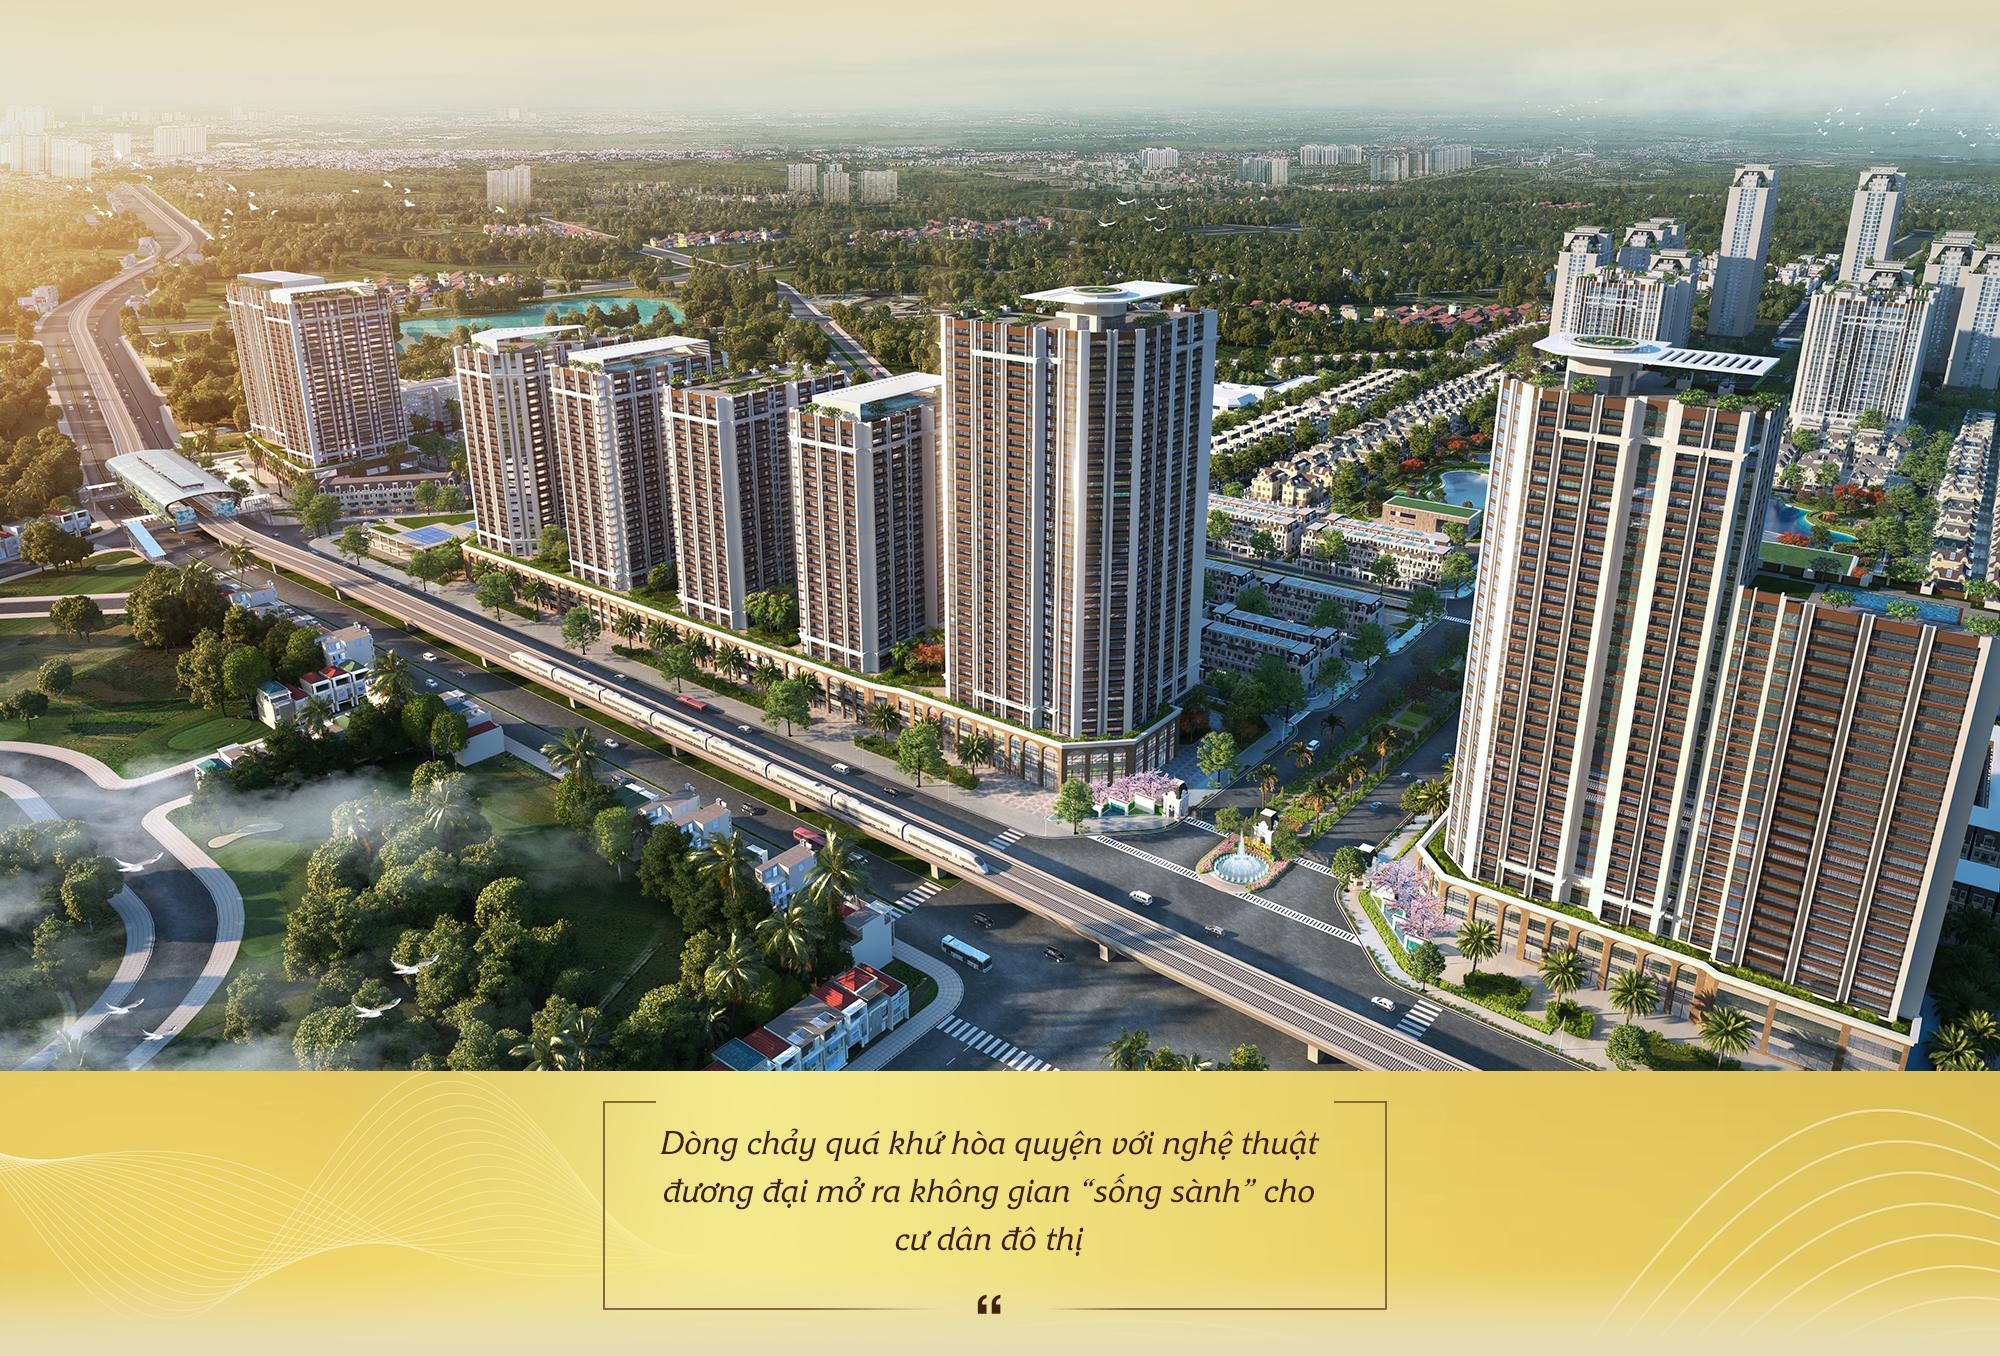 """Kiến tạo mô hình đô thị """"bán khép kín"""" đầu tiên tại phía Tây Hà Nội, Anlac Group tiếp tục khẳng định vị thế trên thị trường bất động sản - Ảnh 4."""